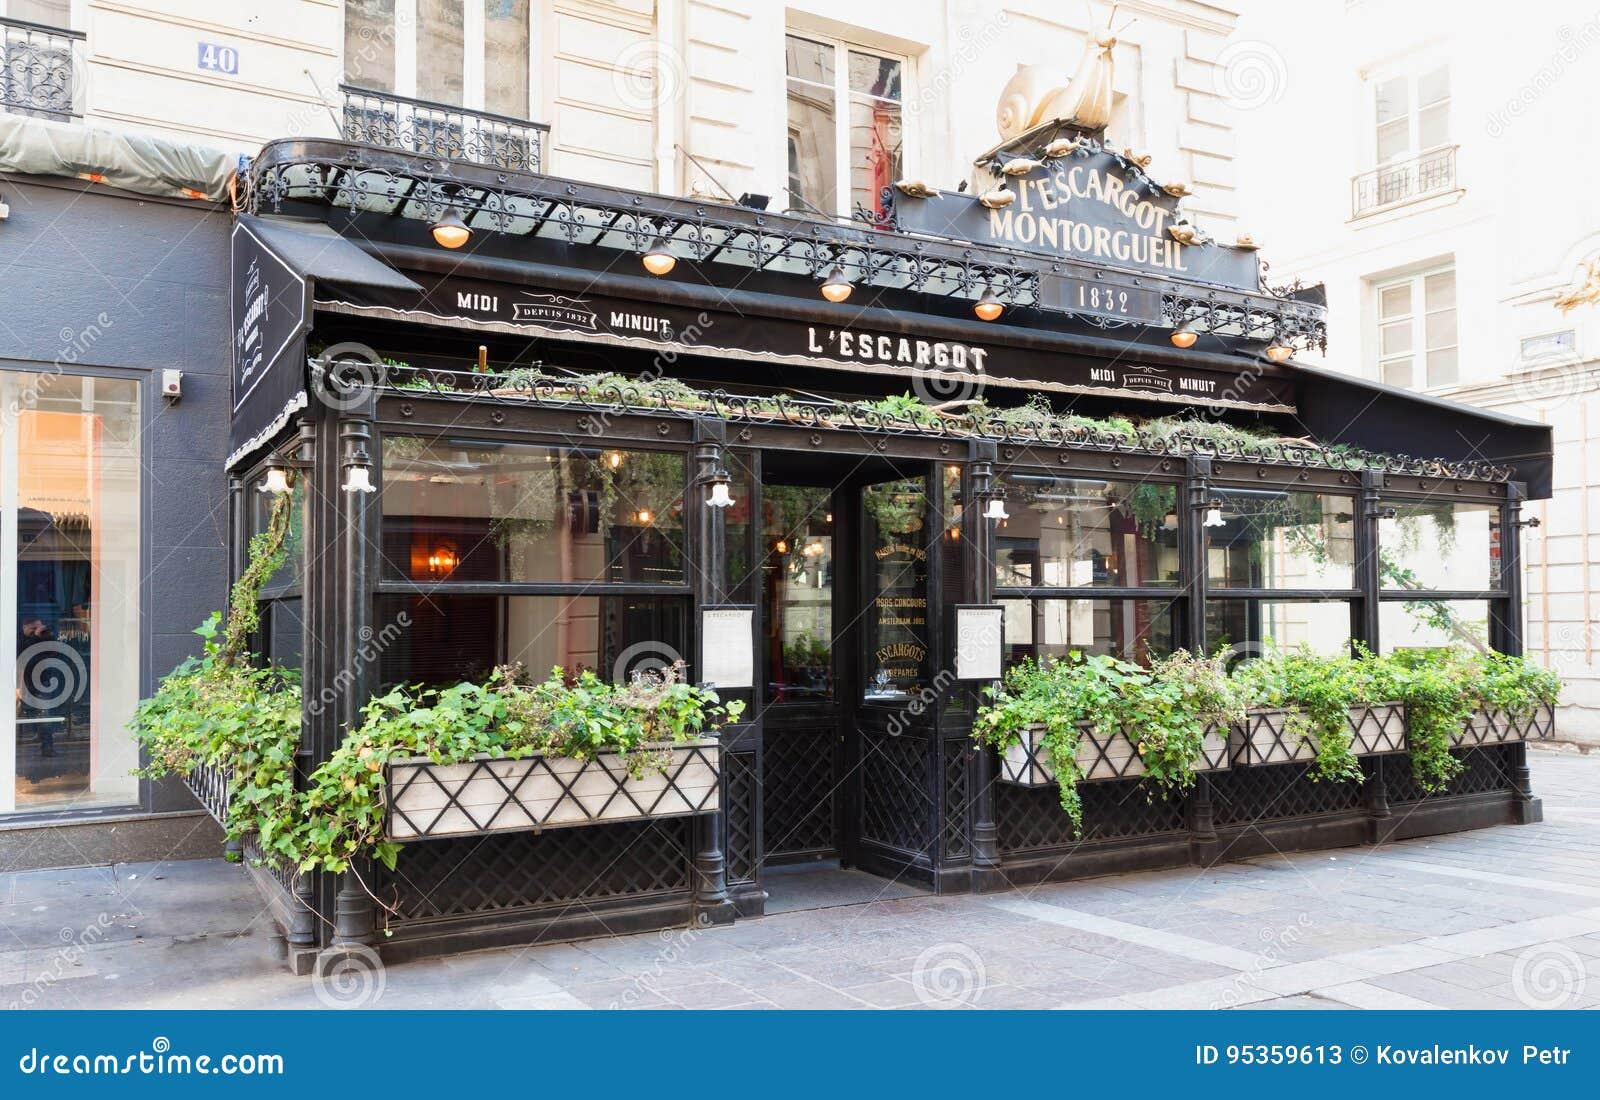 Beroemde Mensen In Parijs.De Beroemde Traditionele Bistroescargot Parijs Frankrijk